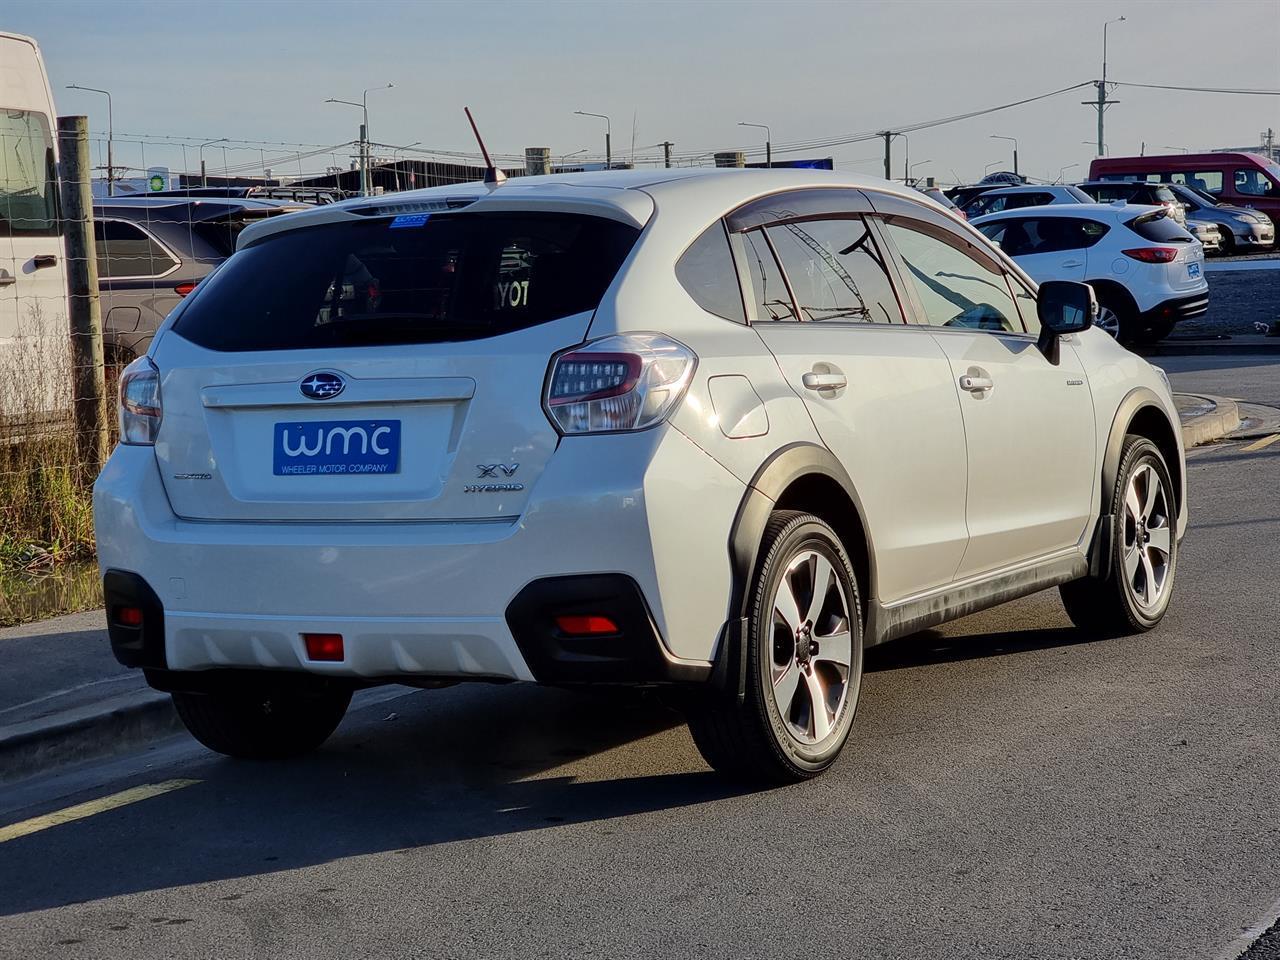 image-7, 2014 Subaru XV Hybrid 4WD at Christchurch